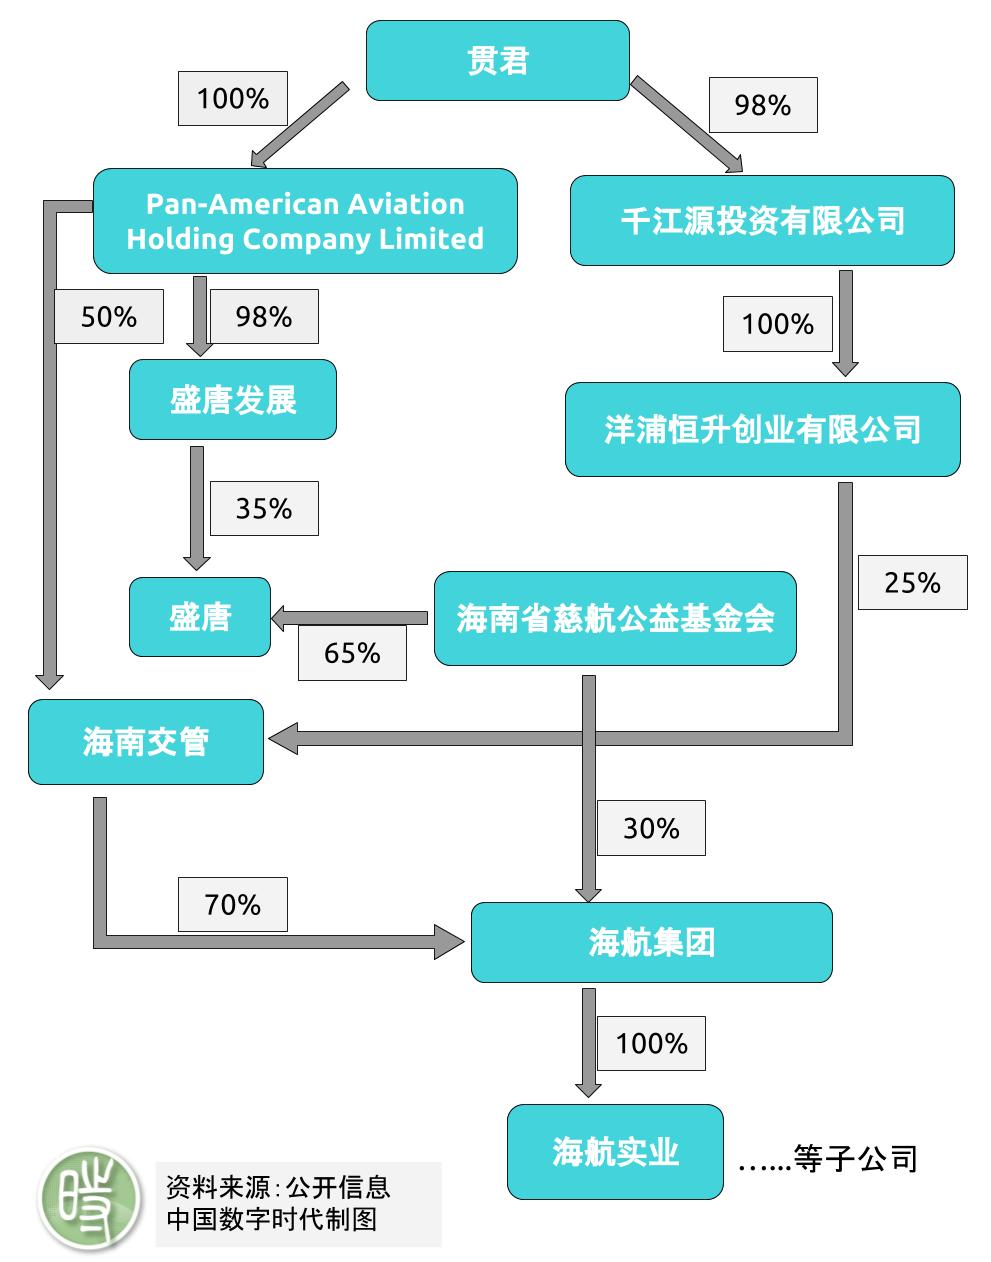 【股权结构图】郭文贵口中的贯君 如何间接控股海航集团